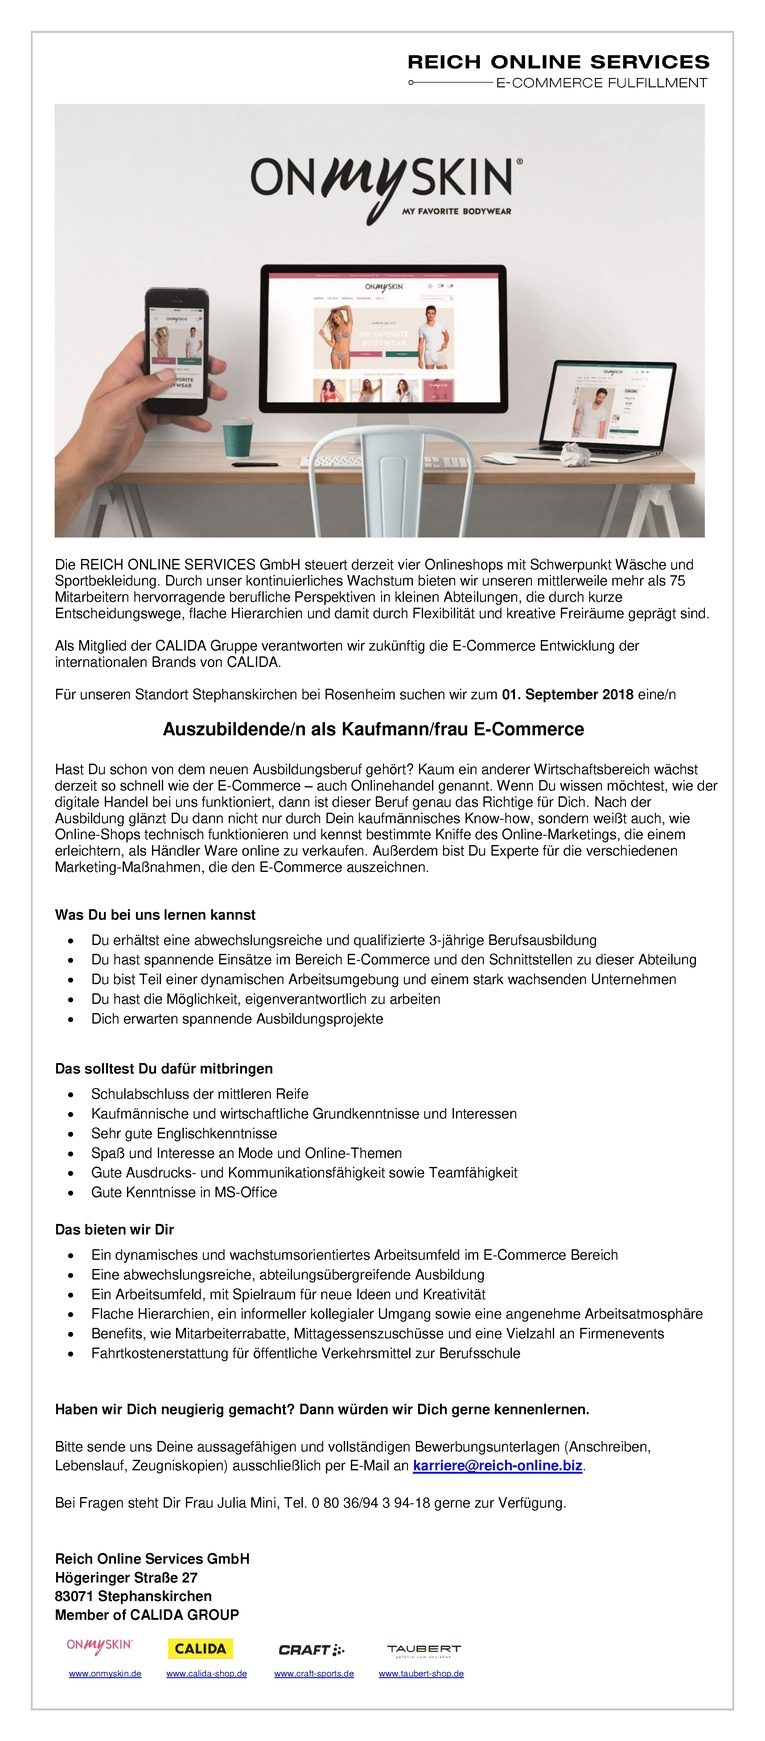 Ausbildungsplatz als Kaufmann/frau E-Commerce 2018